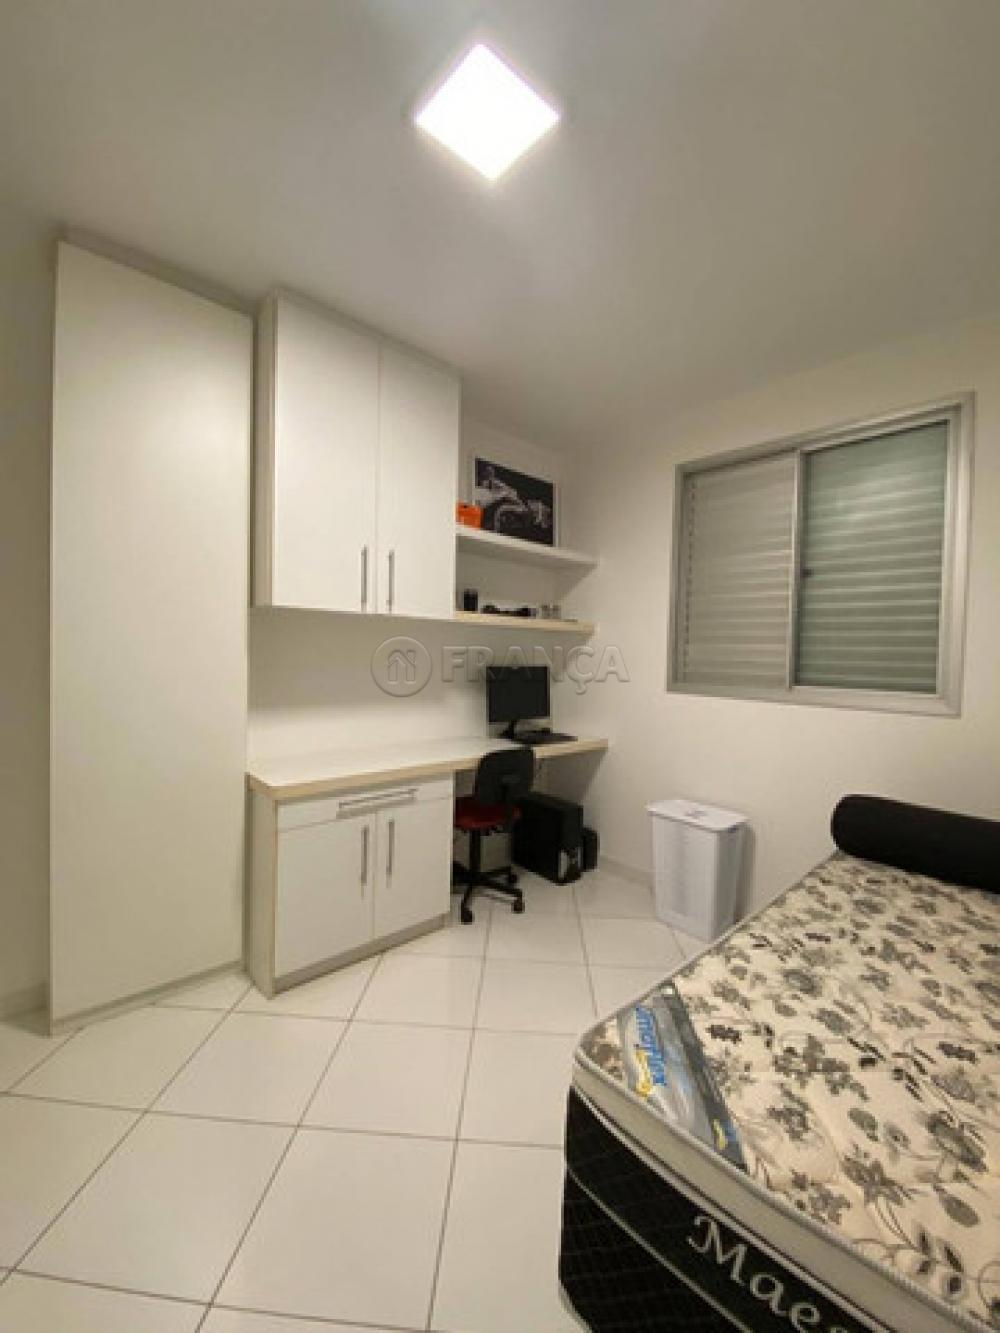 Comprar Apartamento / Padrão em São José dos Campos apenas R$ 198.000,00 - Foto 9